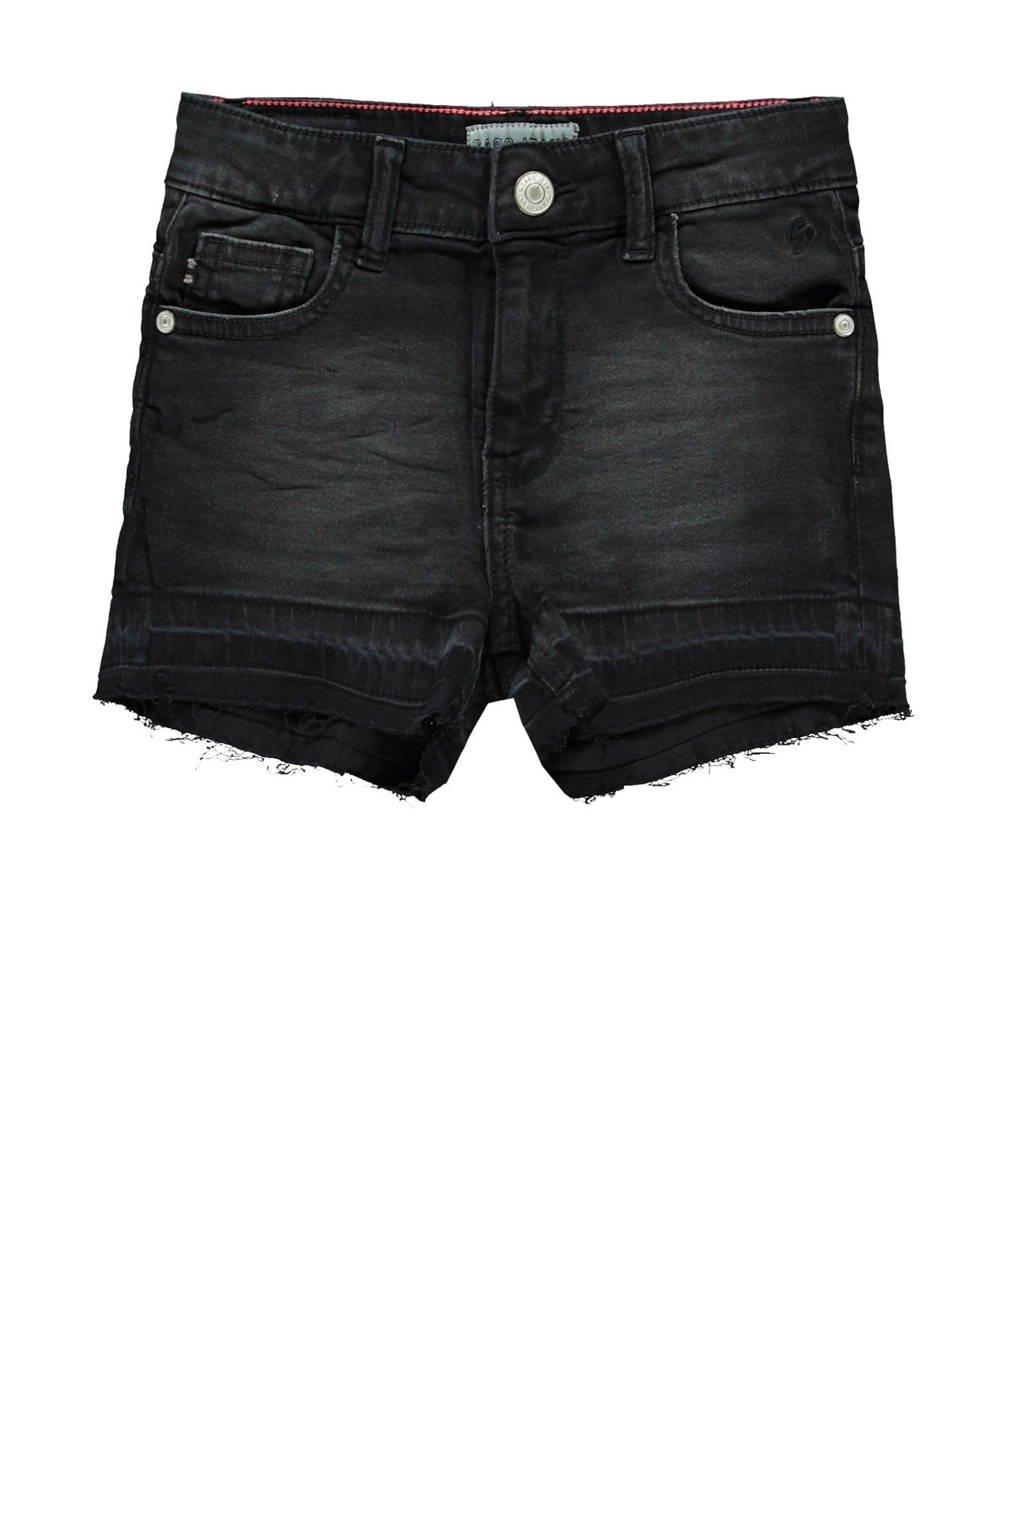 Cars jeans short Hawa grijs, Grijs